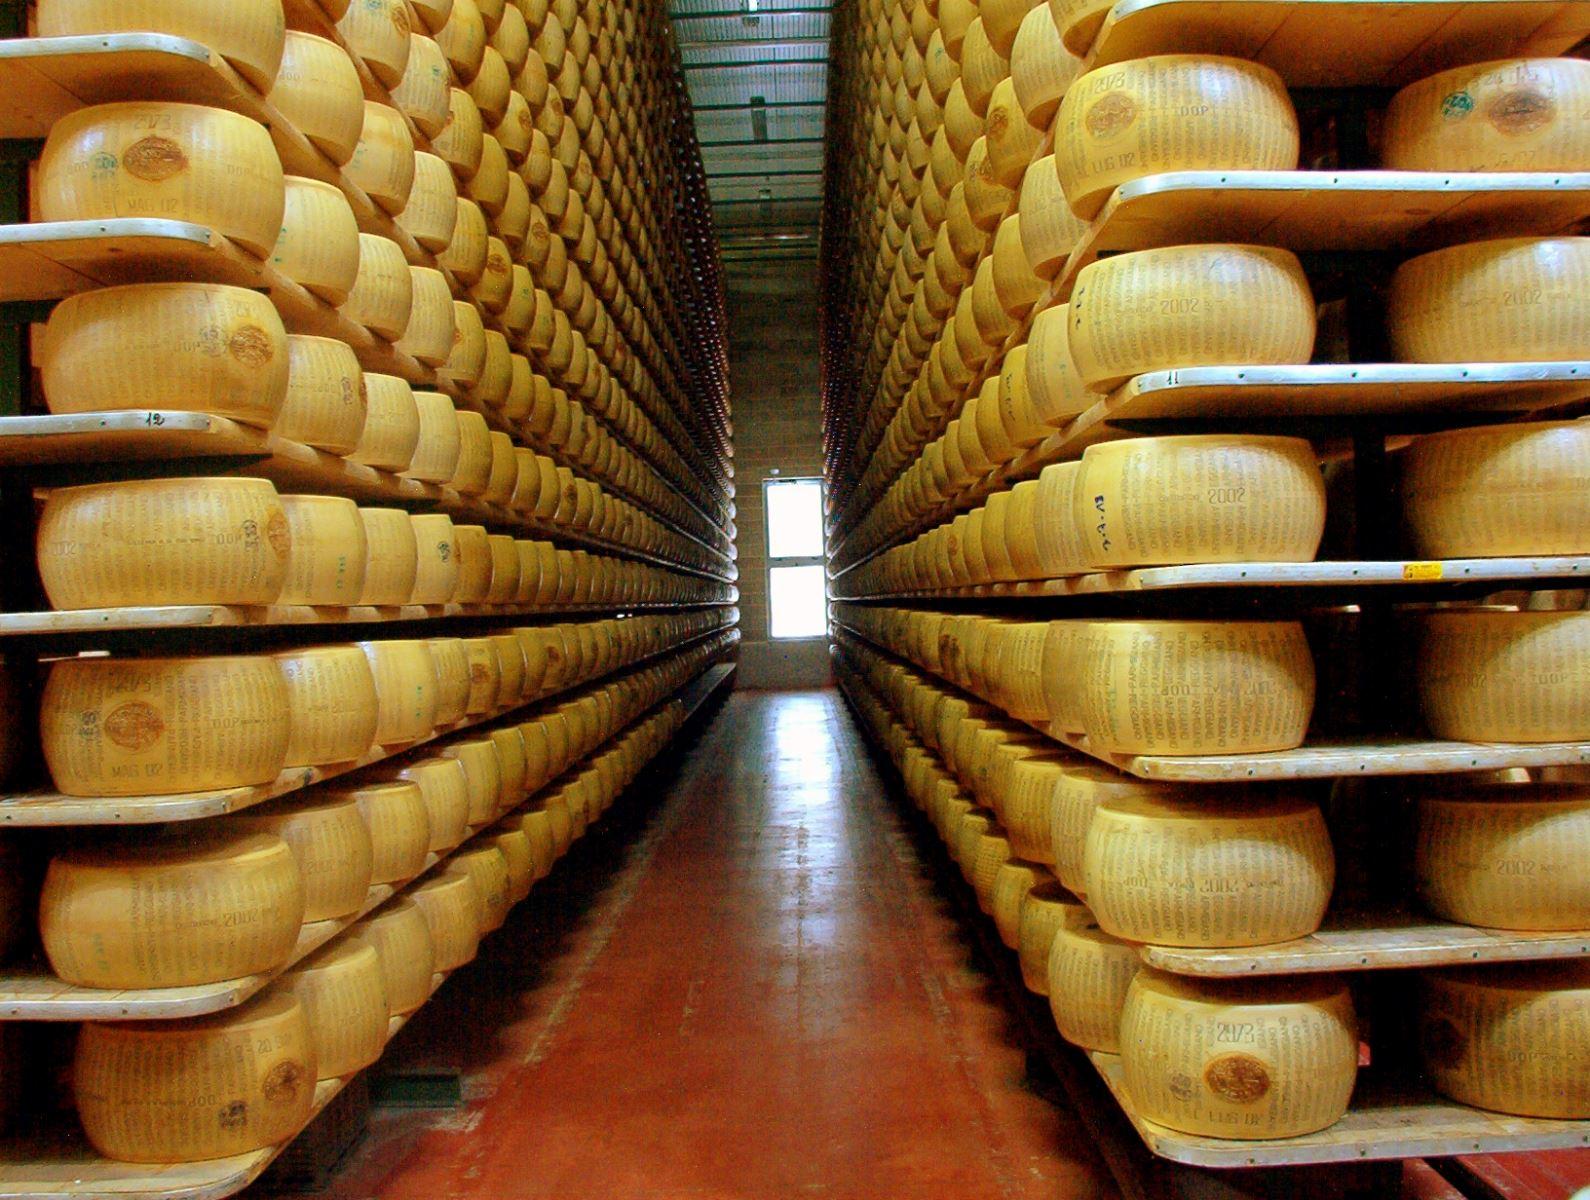 Parmigiano Reggiano aging in Italy